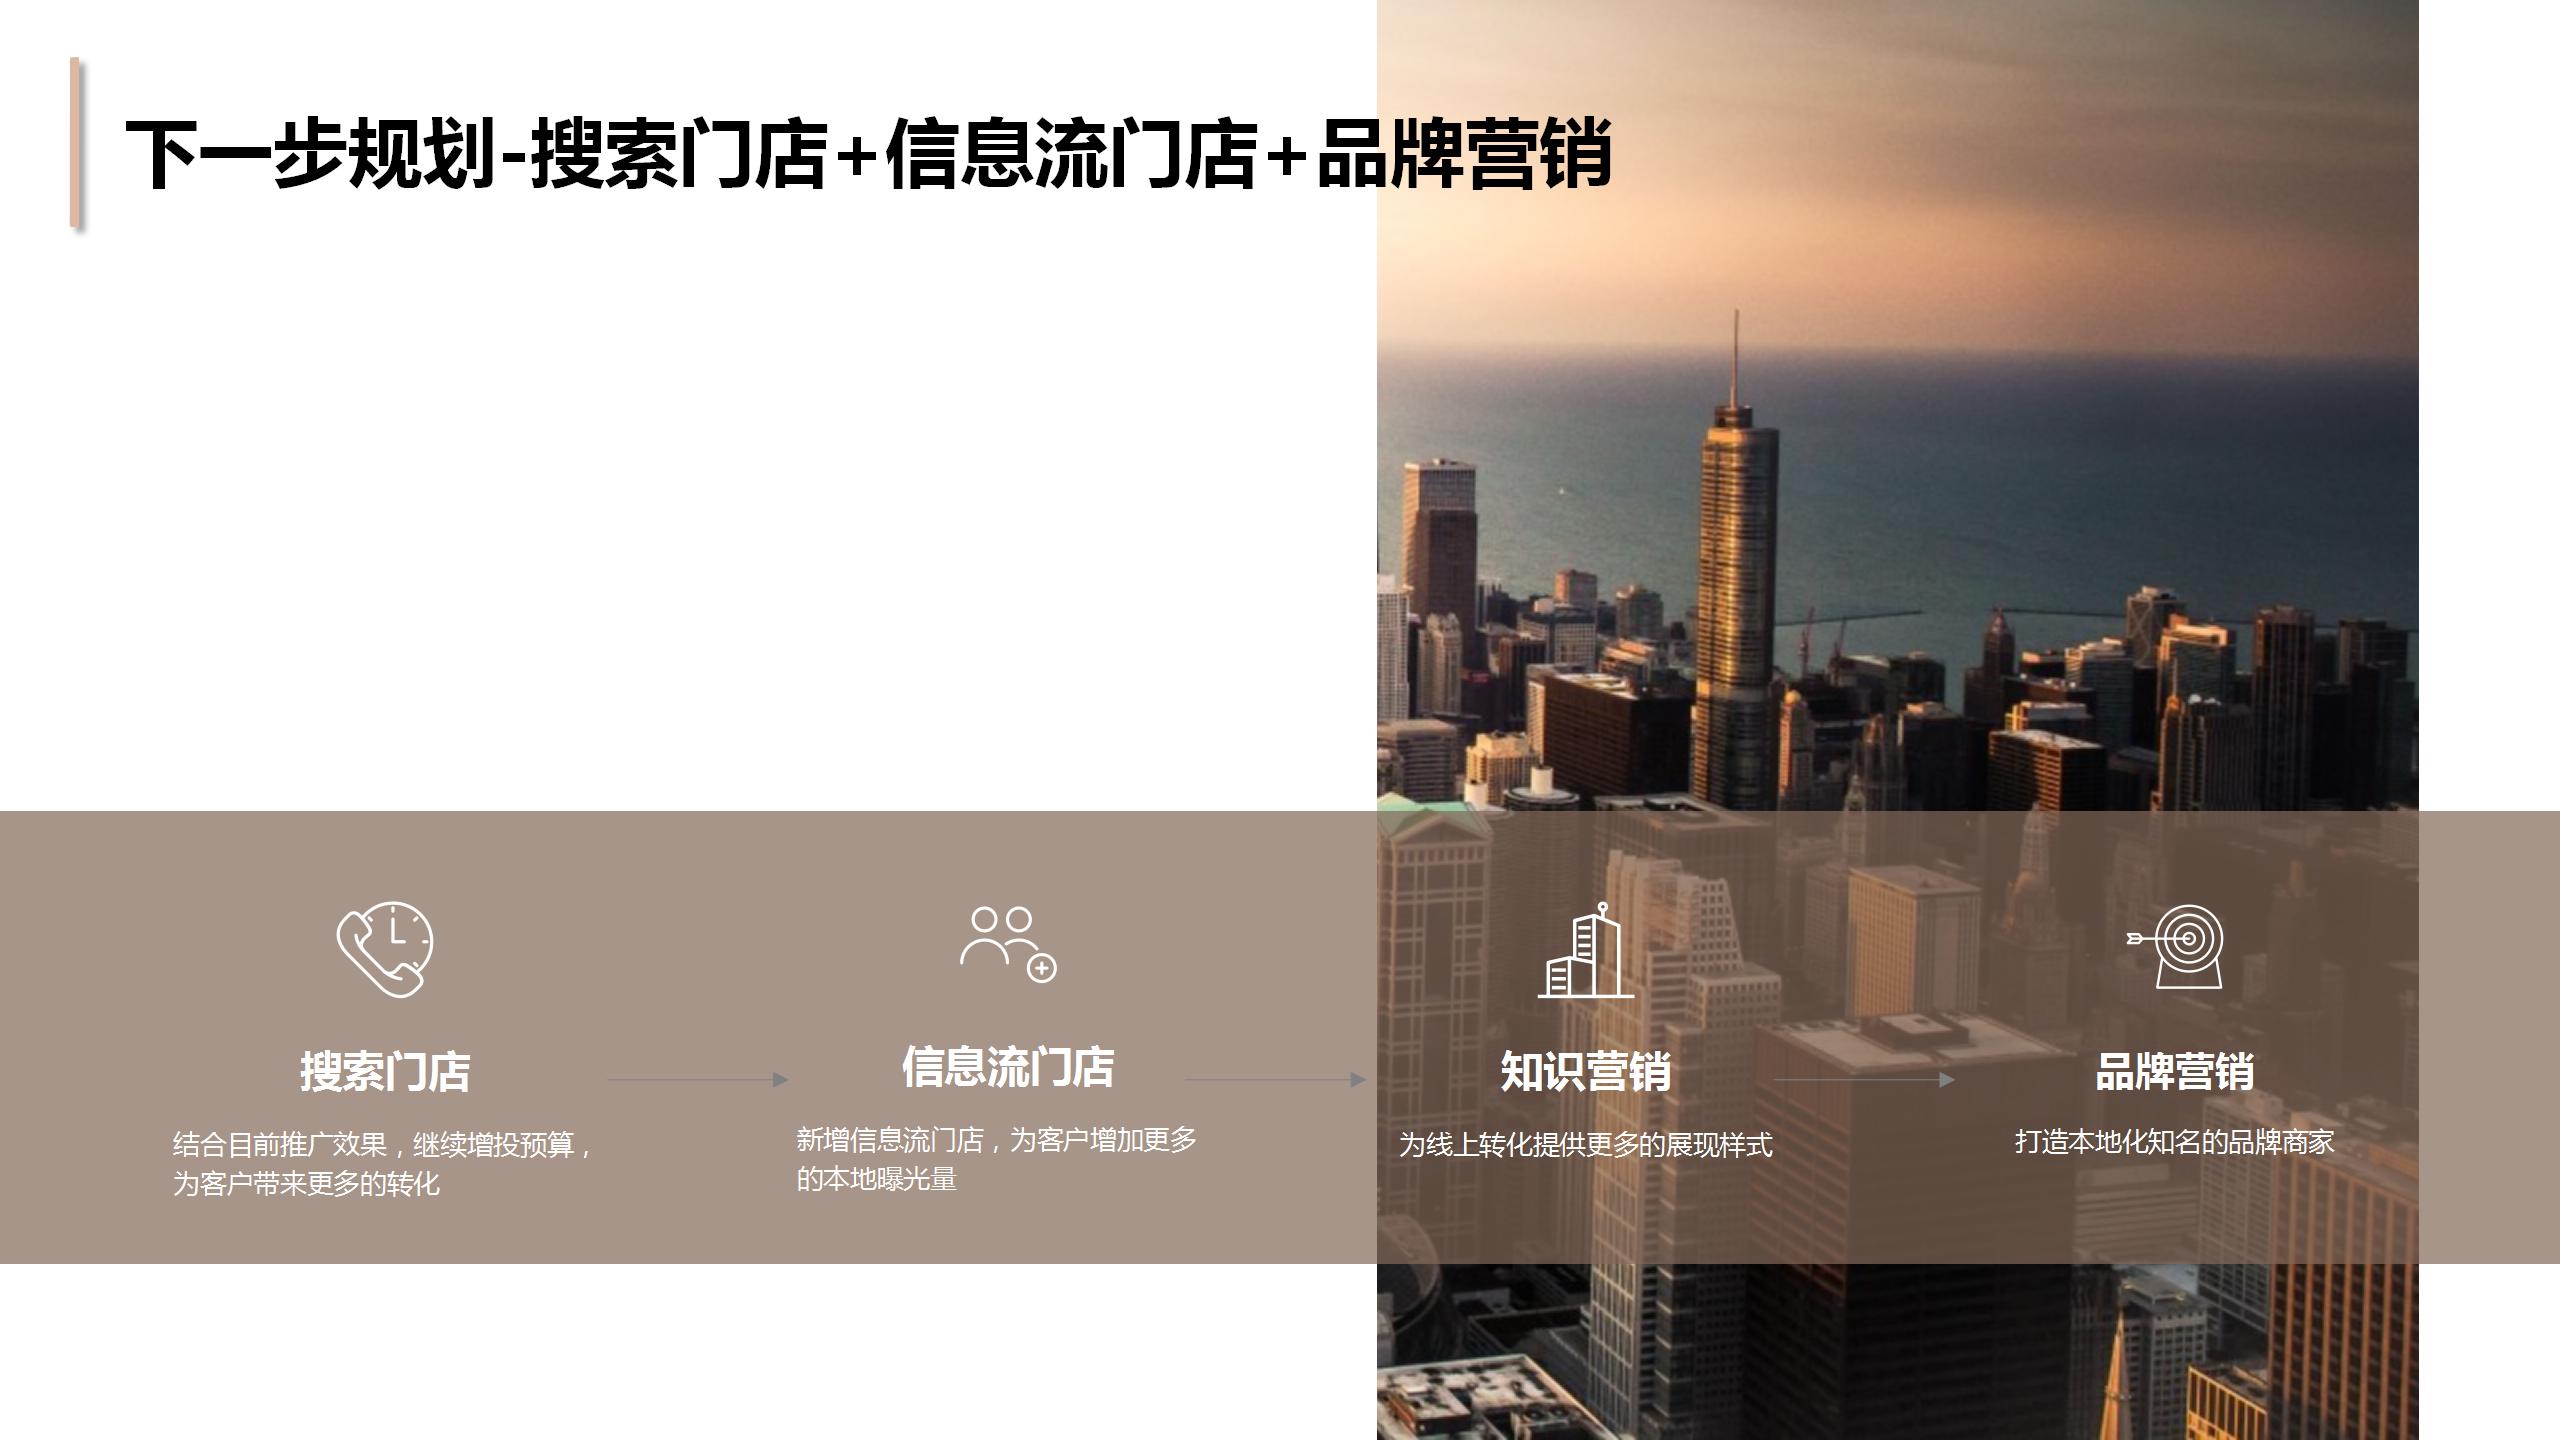 生活服务【大渠道】河南锐之旗-新成名品商行案例脱敏版未删减._21.png